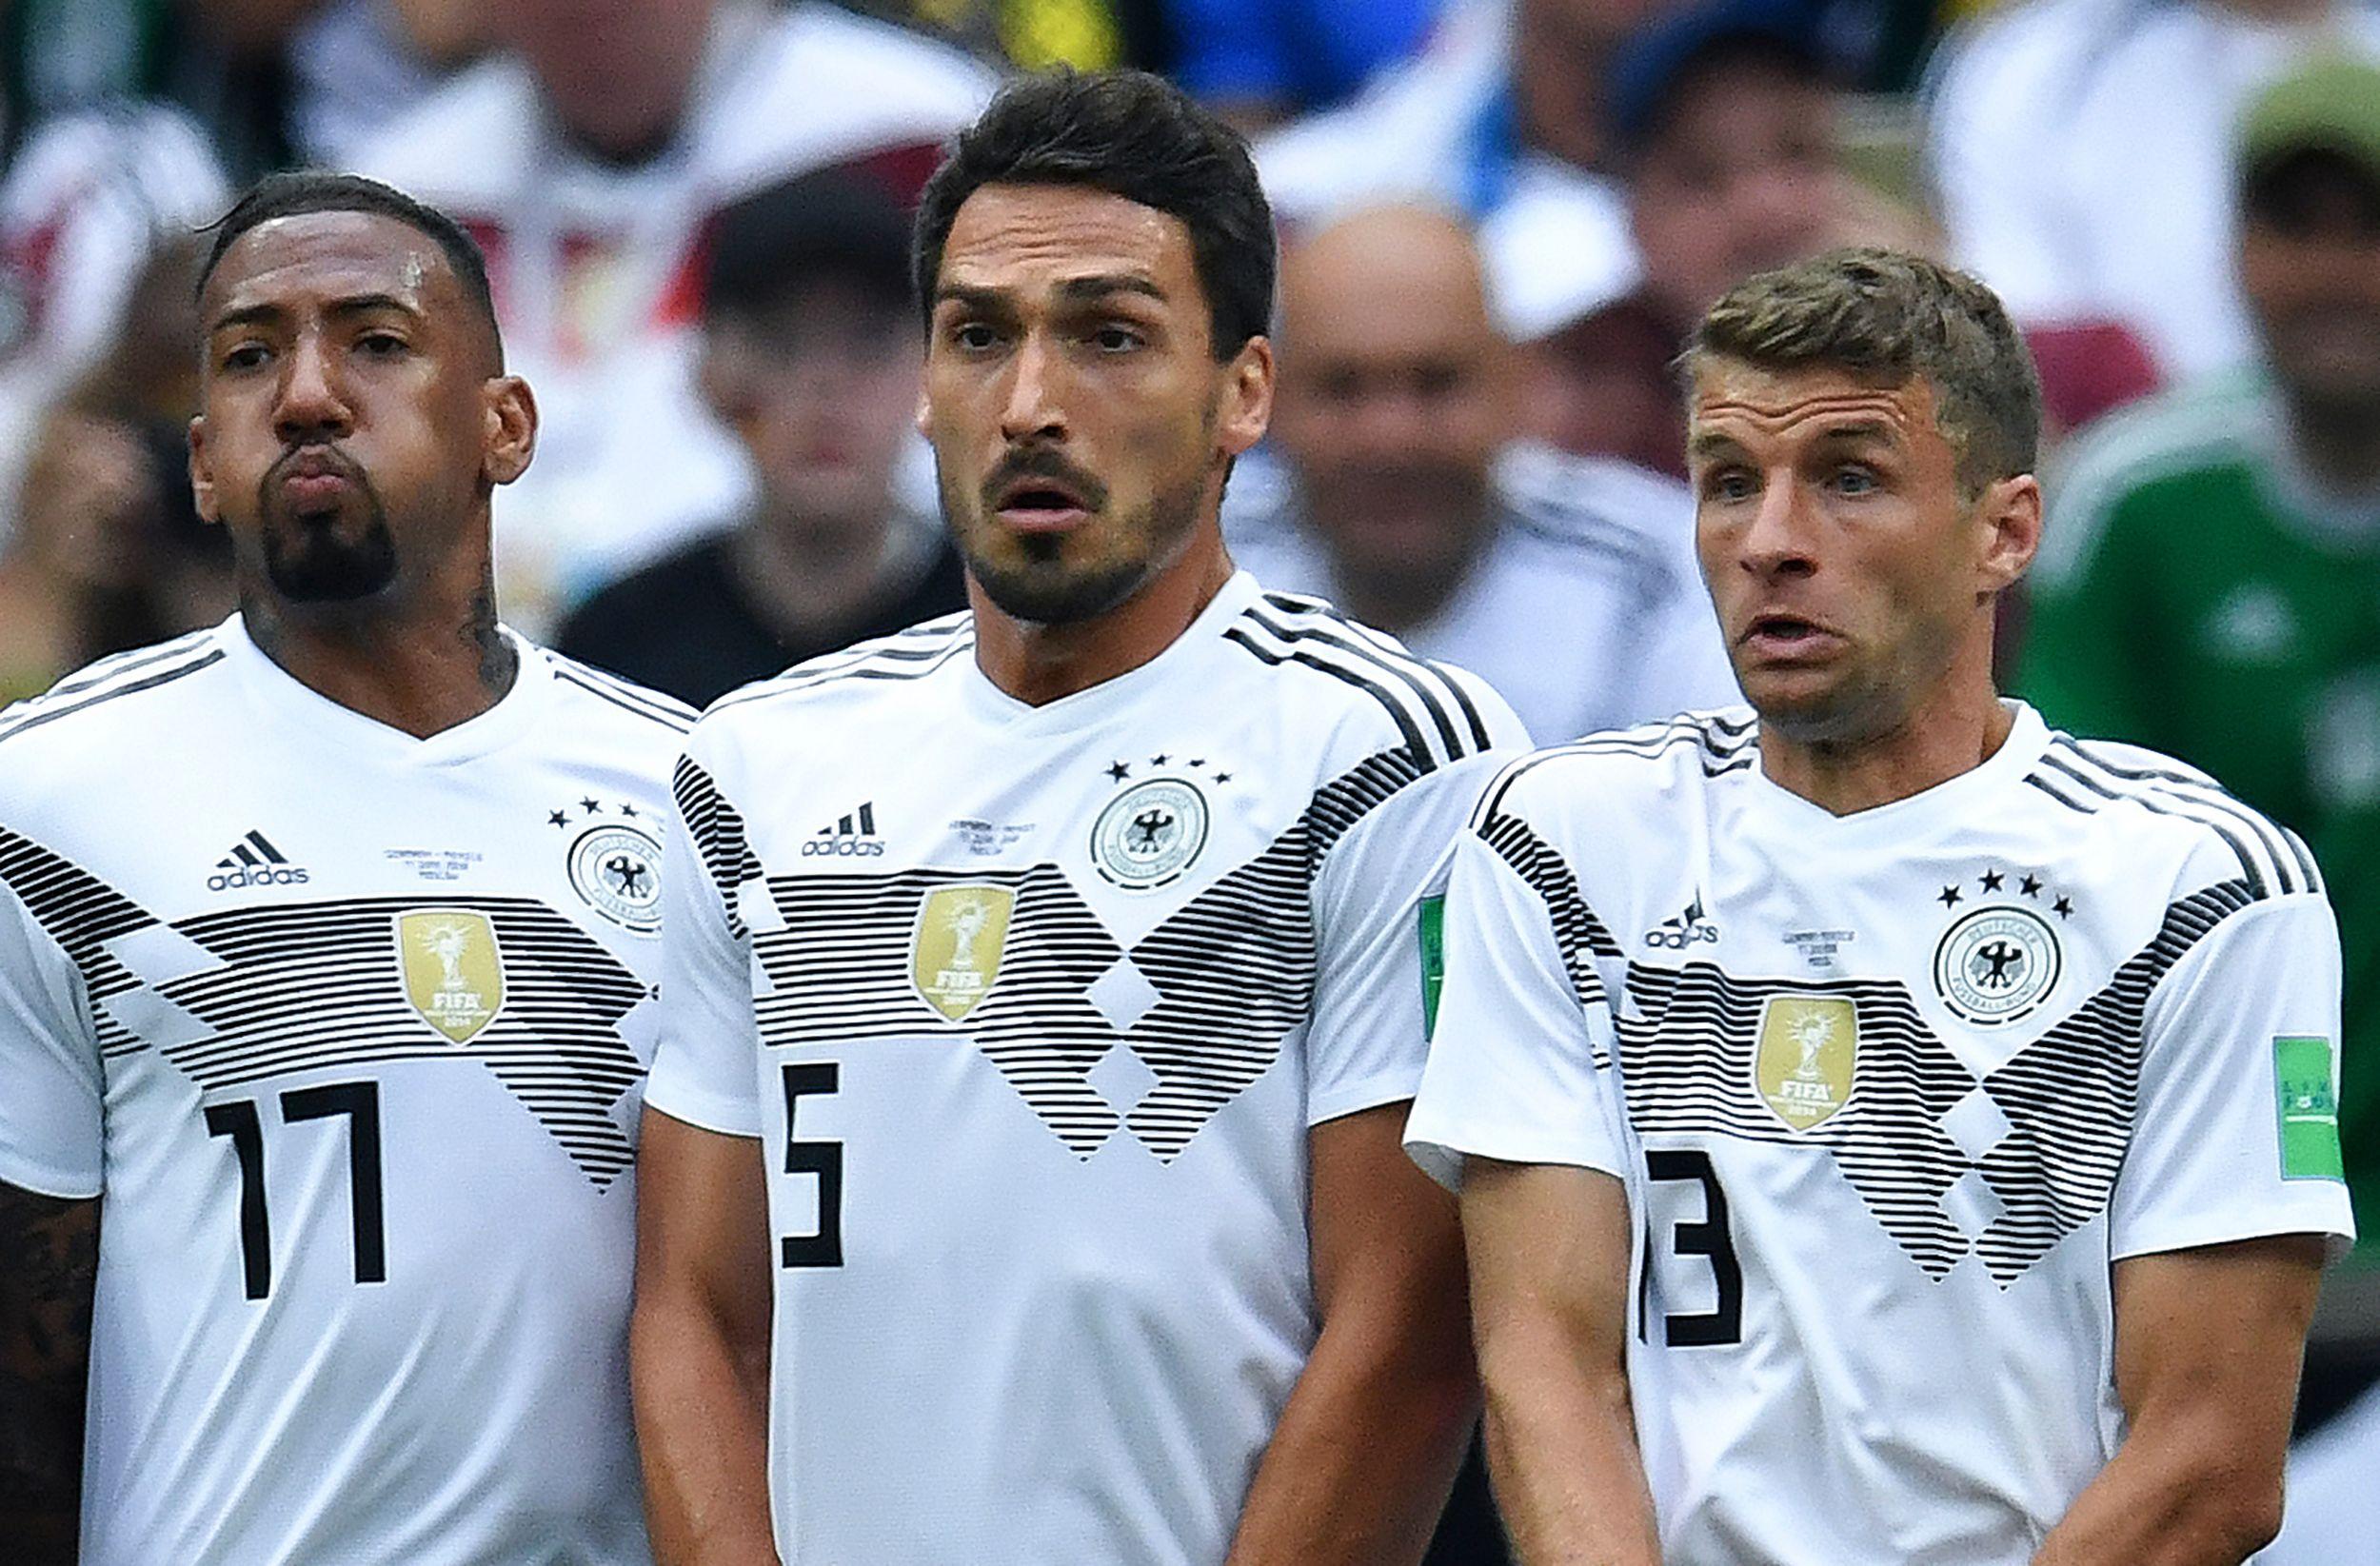 Vor dem DFB-Spiel gegen Serbien schickten die Fans eine Botschaft an Müller, Hummels und Boateng.